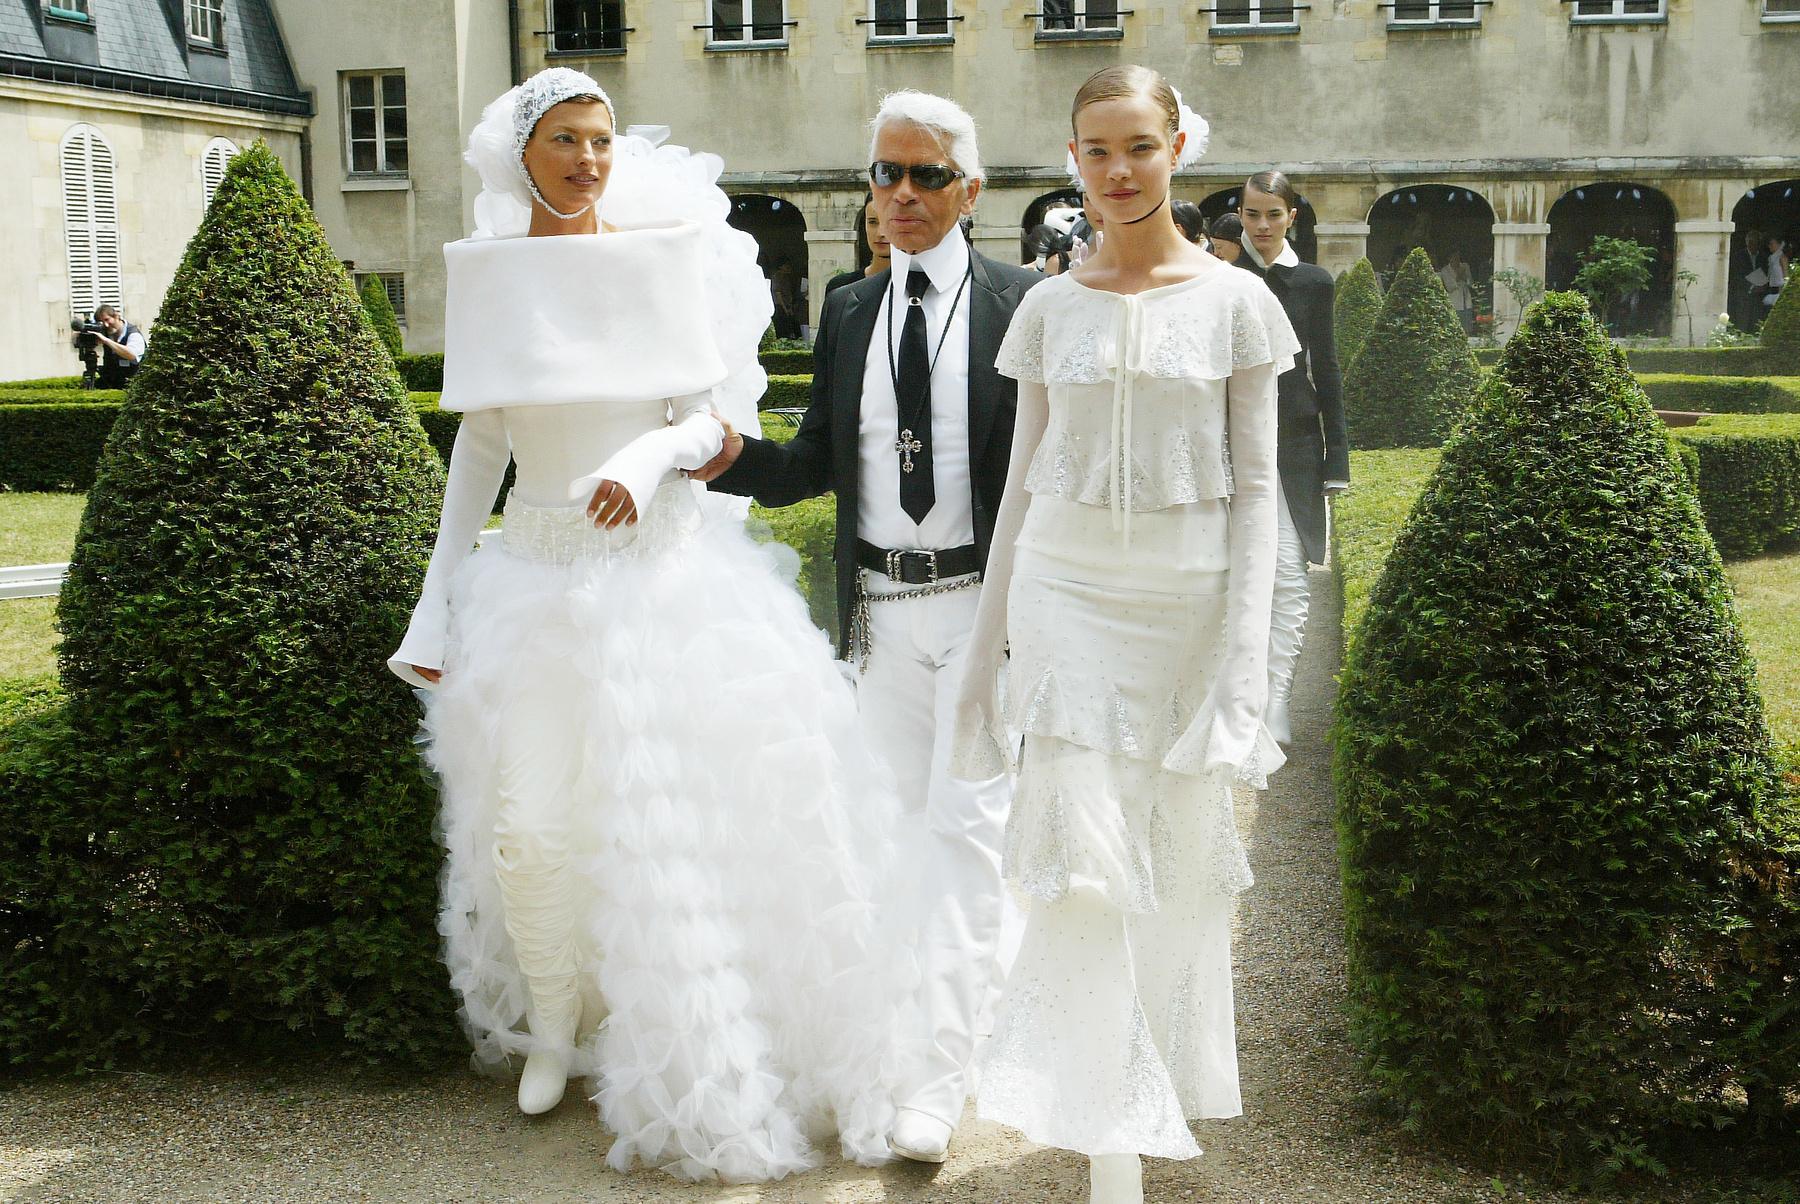 ,,A divat azok utánzása, akik különbözni akarnak azoktól, akik semmiben sem különböznek egymástól.